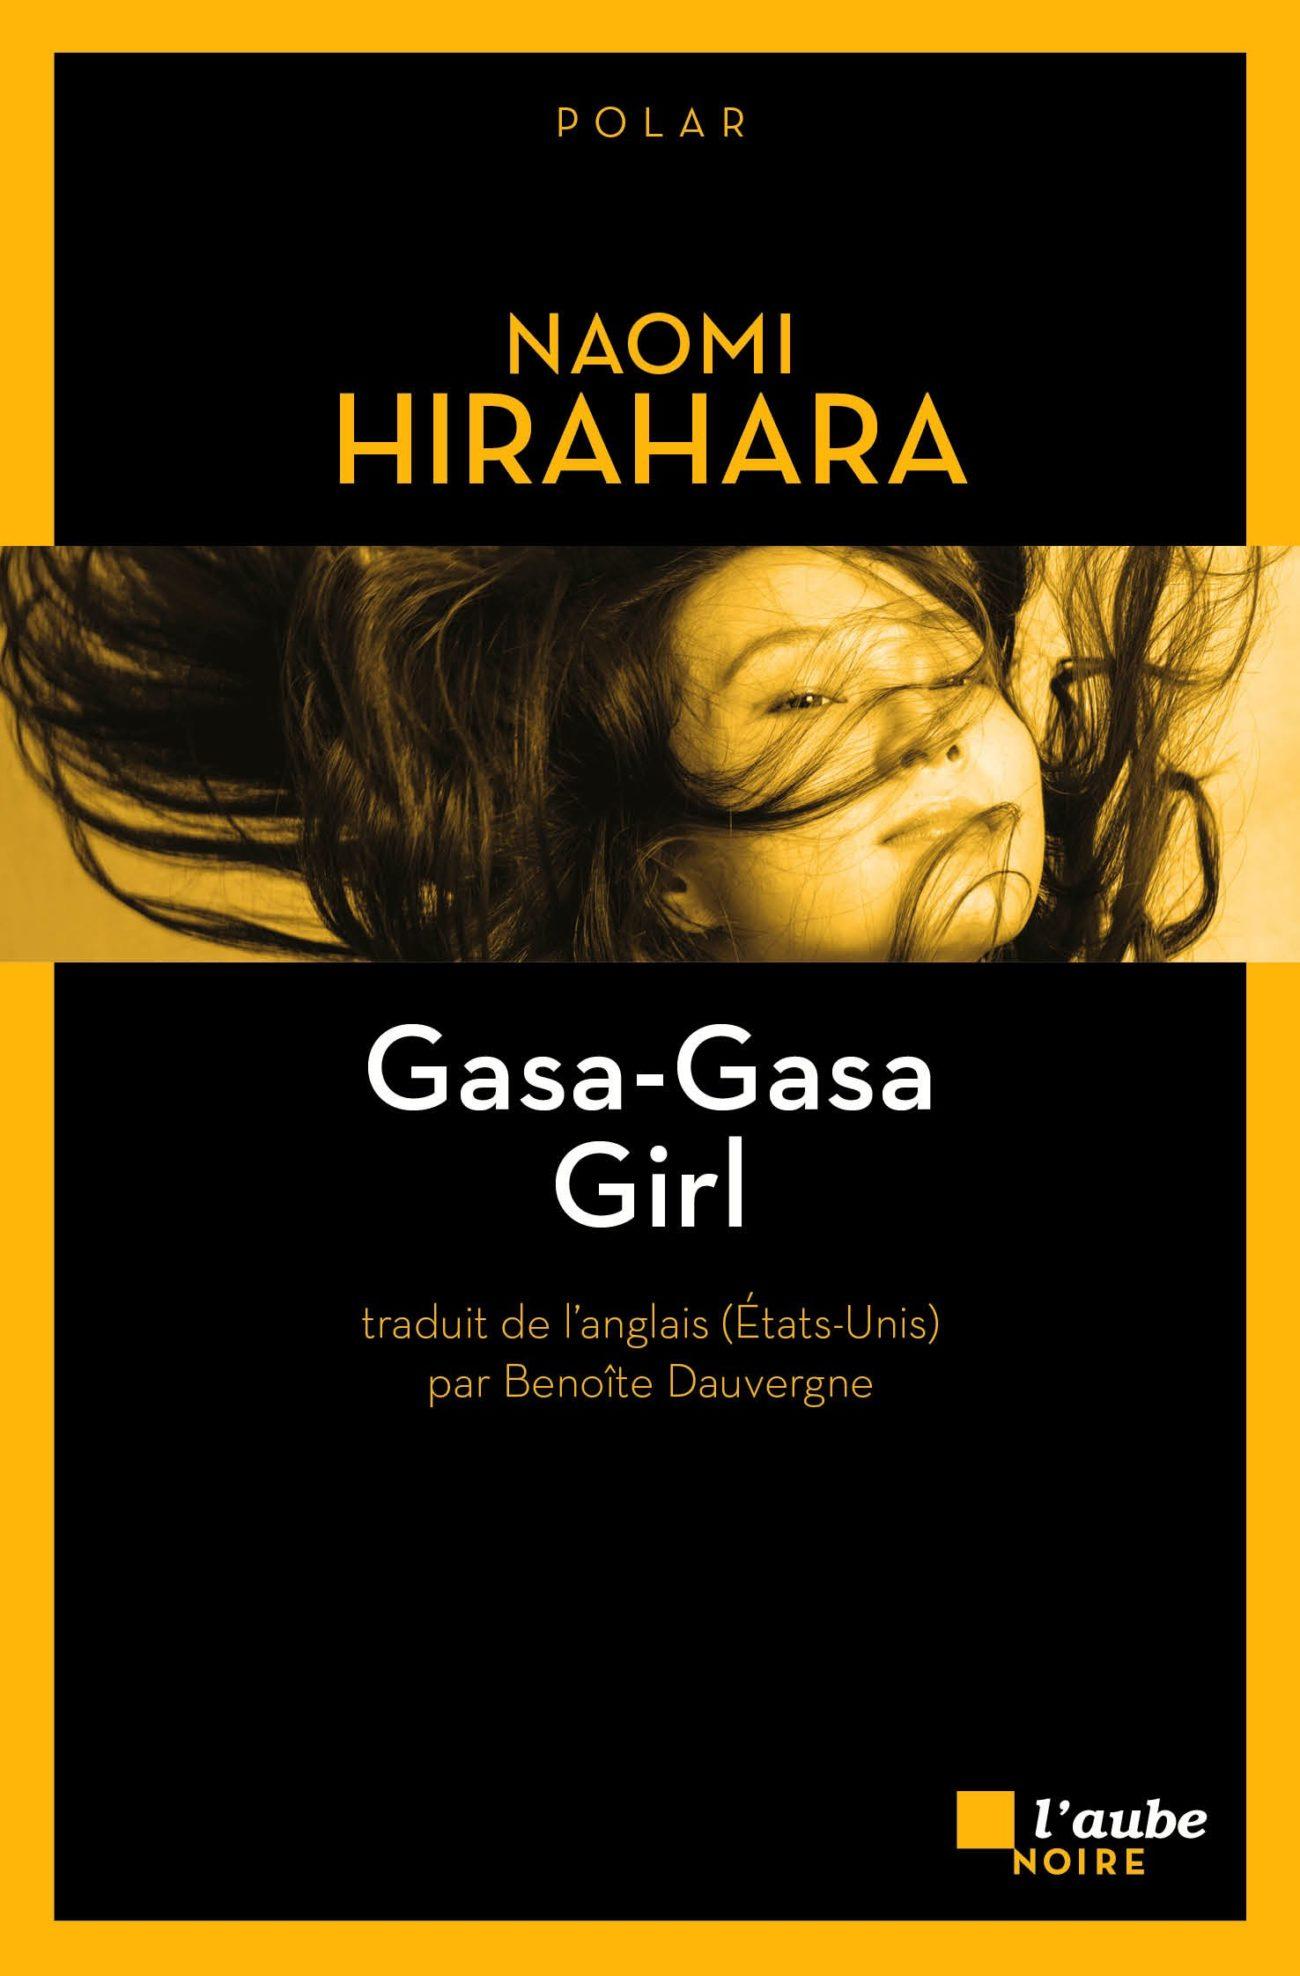 Gasa-Gasa Girl